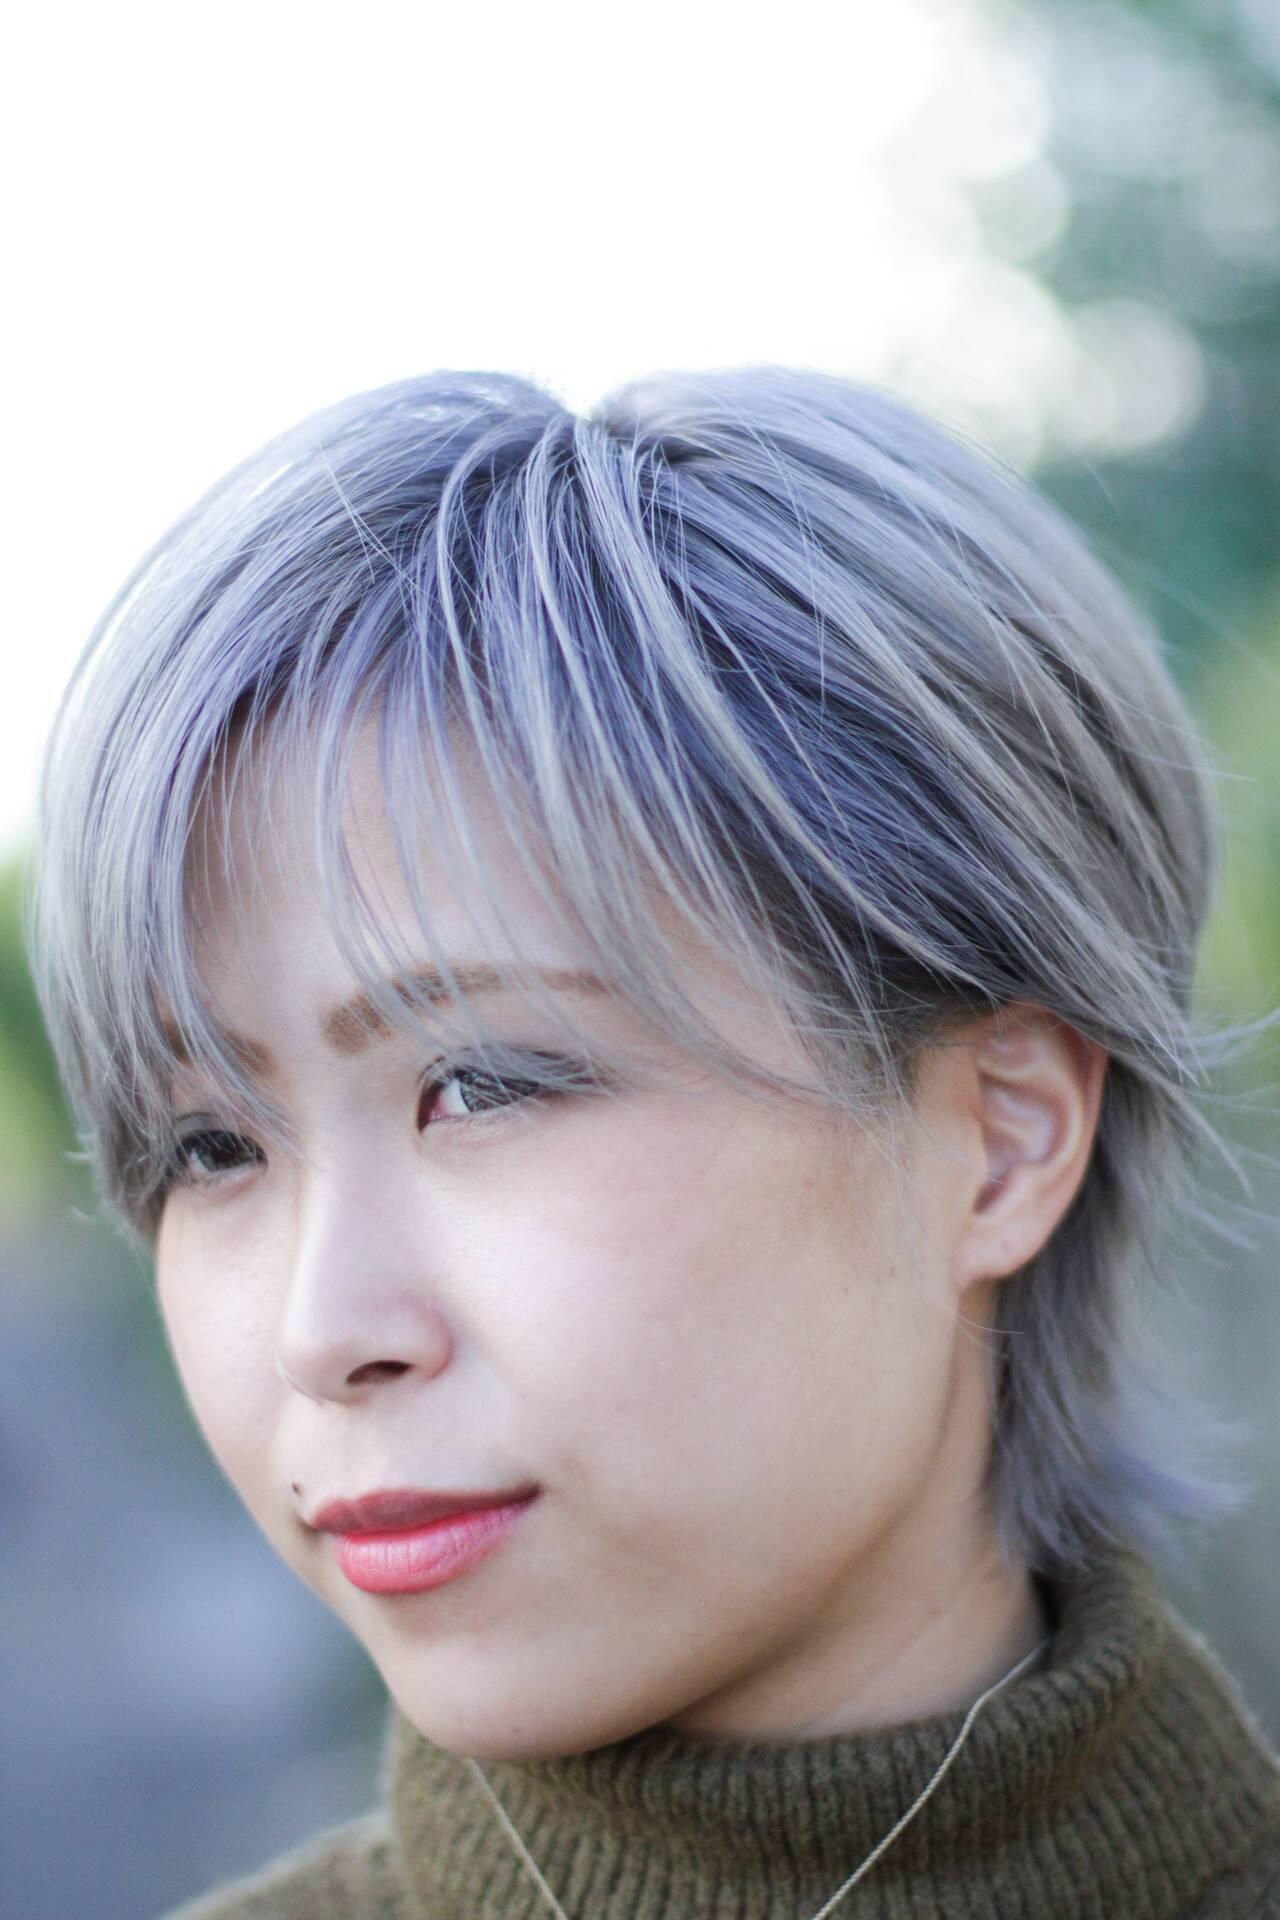 ハイトーンカラー シルバーグレージュ ウルフカット ストリートヘアスタイルや髪型の写真・画像